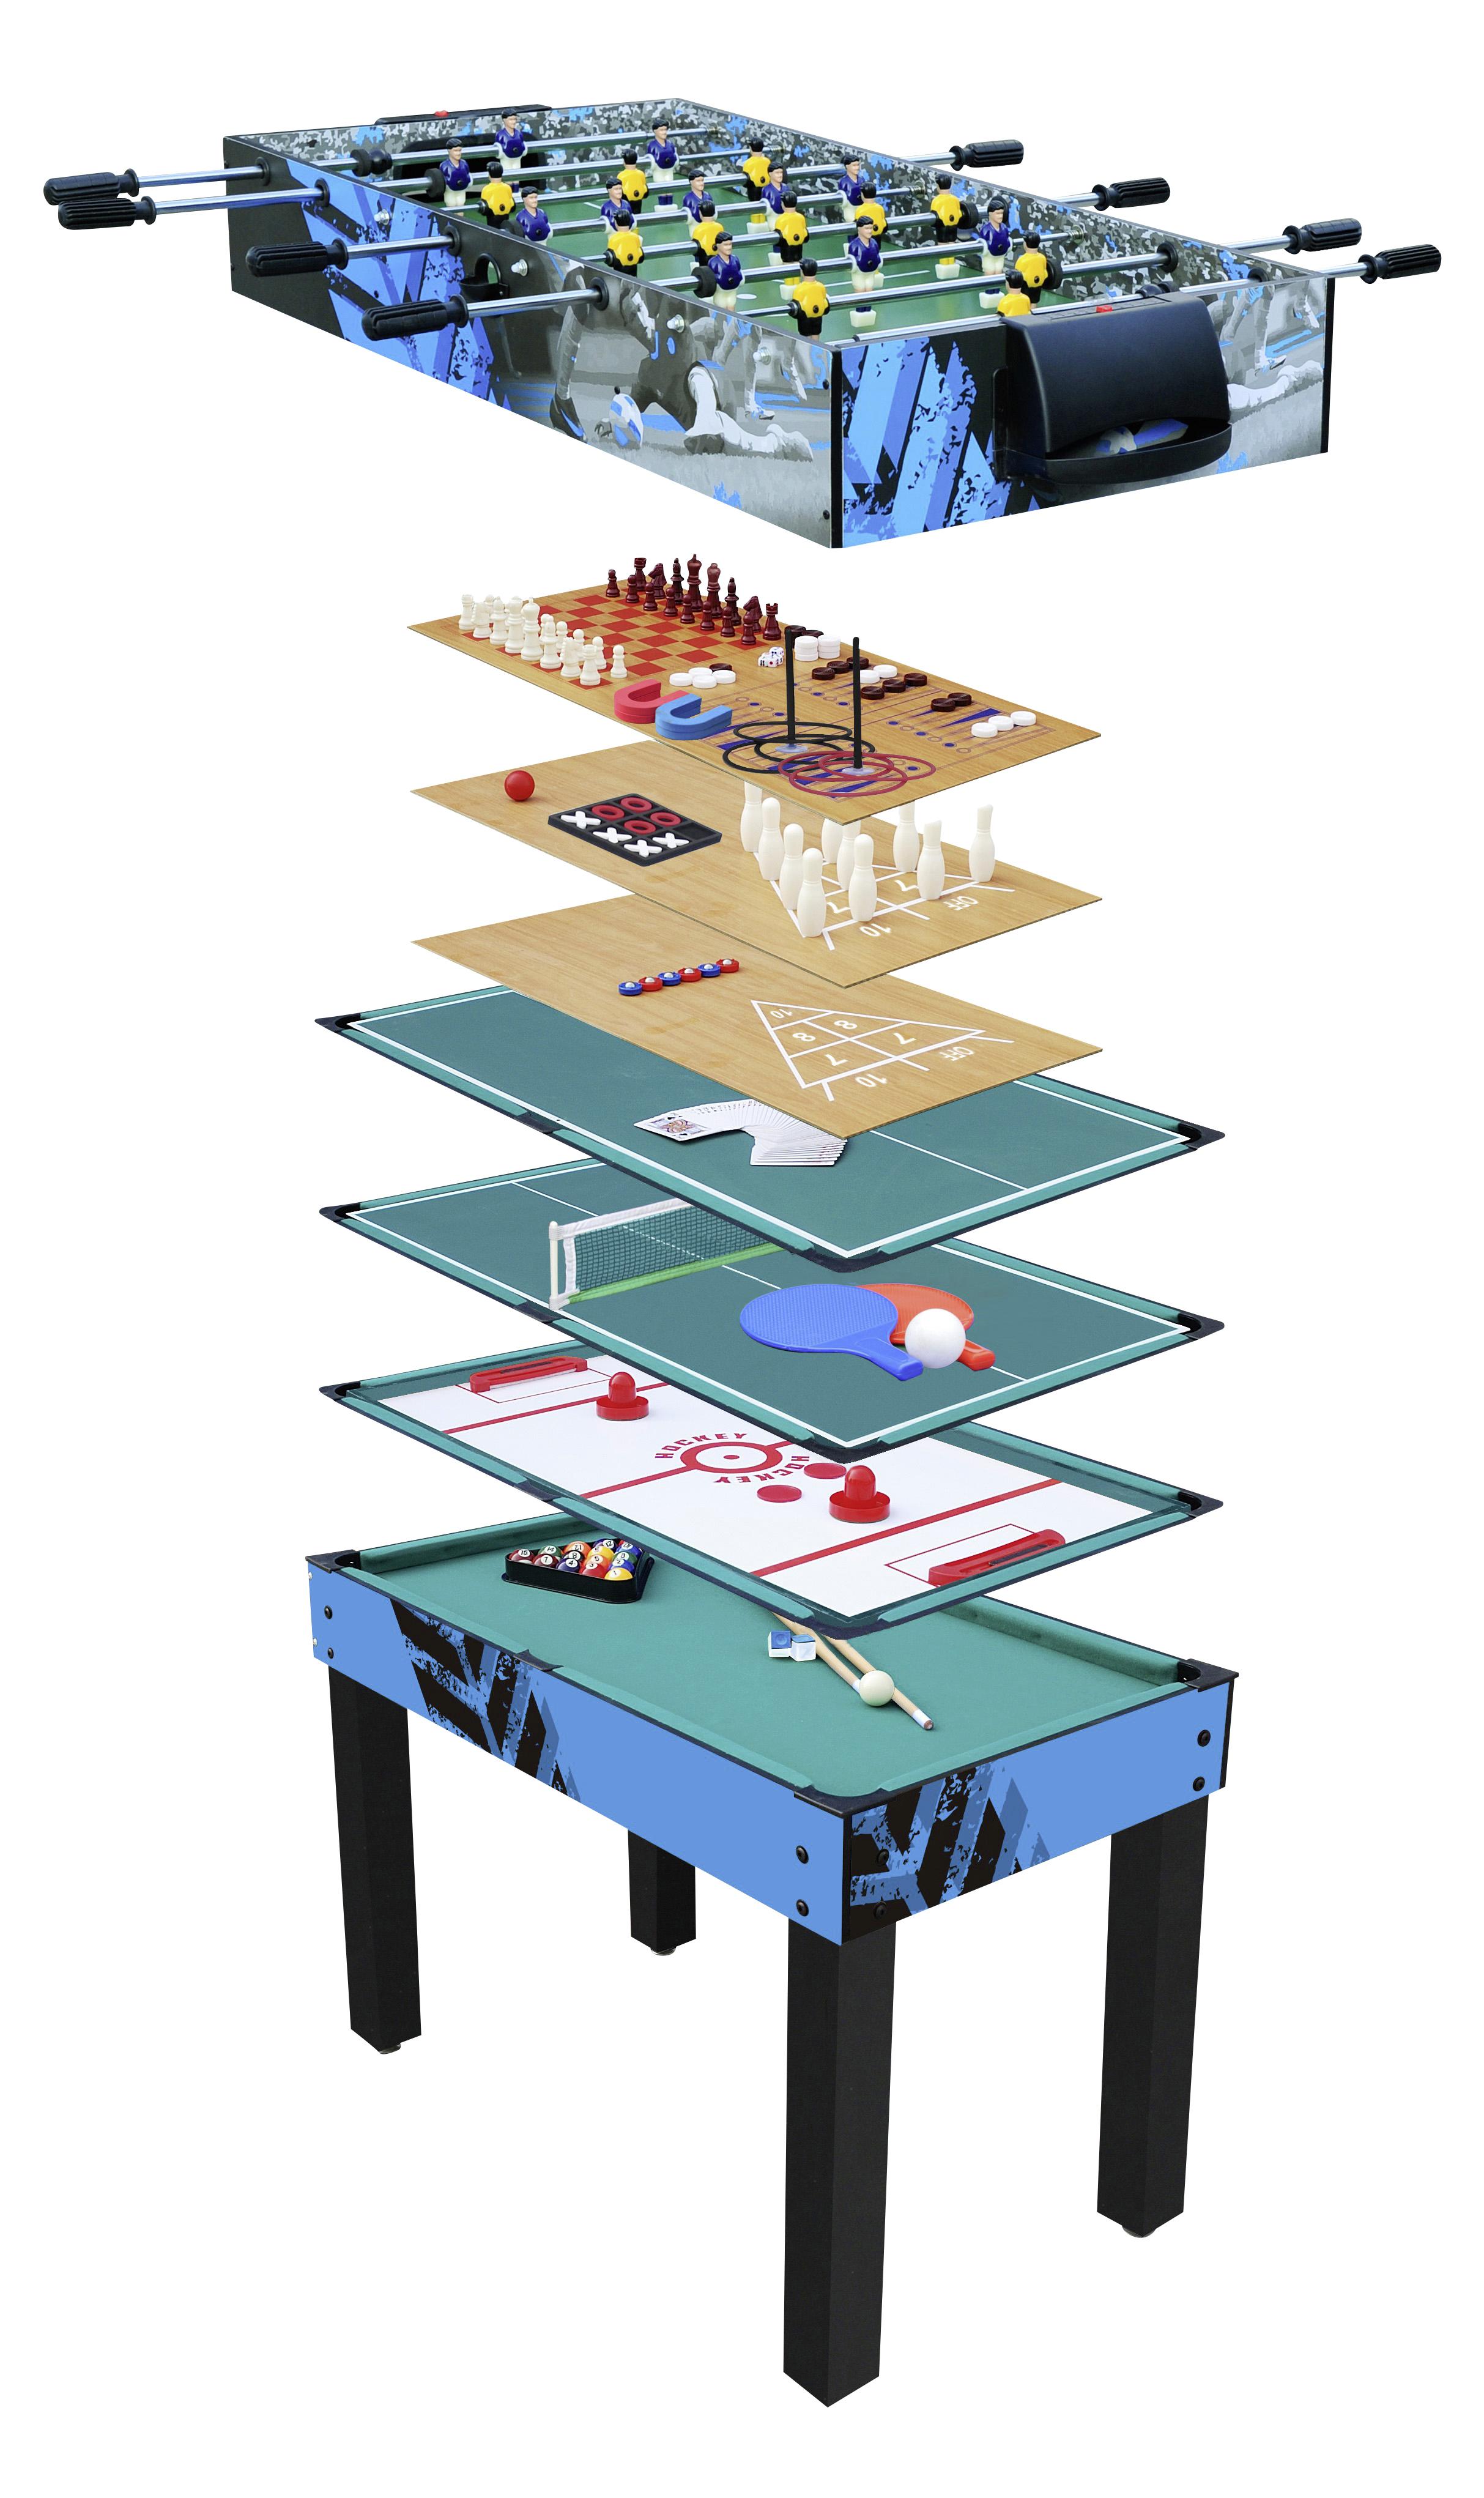 Jeux Carrefour D En Achat Pas Multi 1 12 Vente Cher Table WI9H2ED